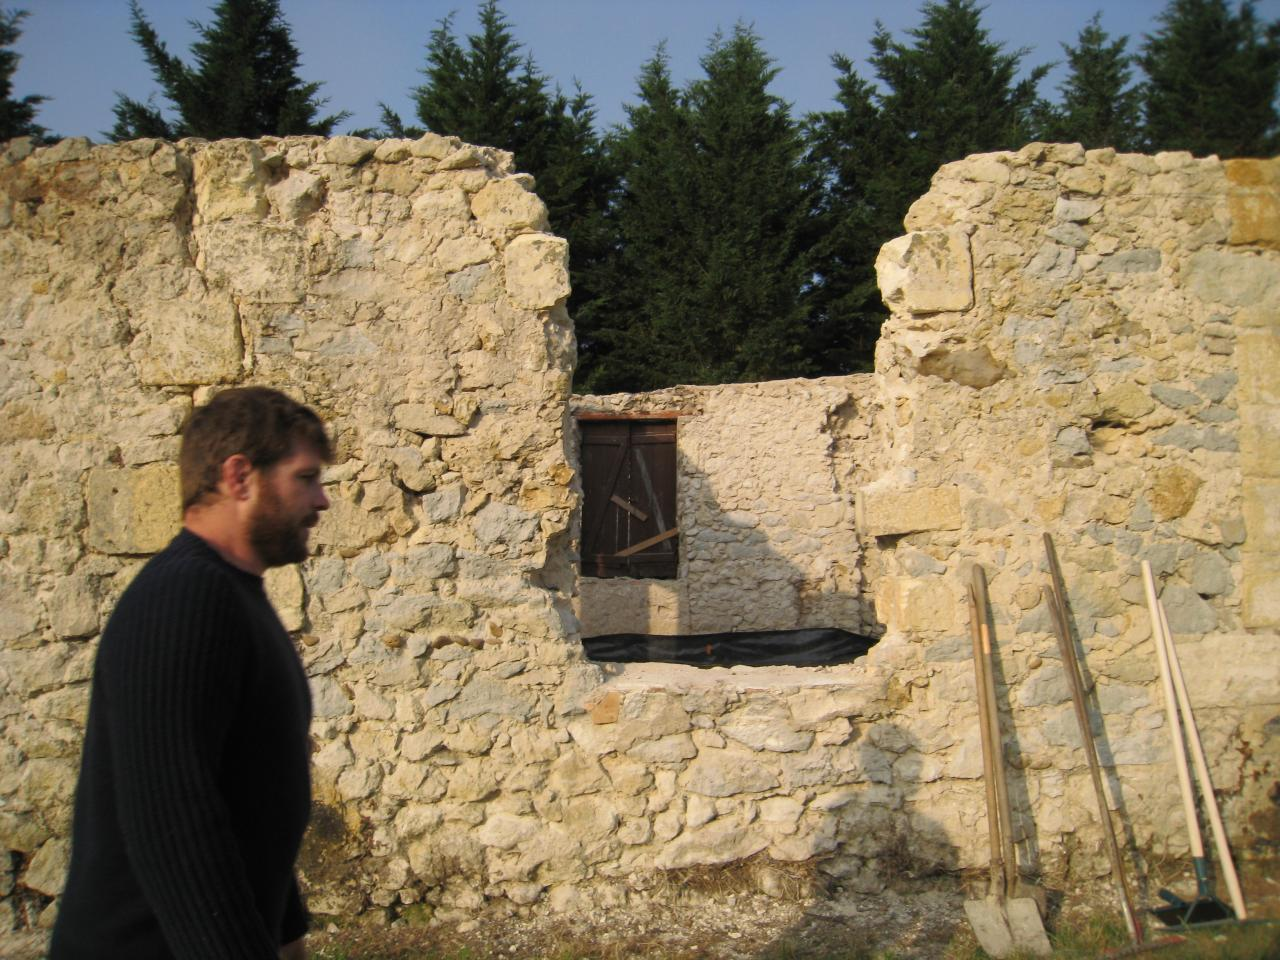 tailleur de pierre 33, Raphaël Le Nir